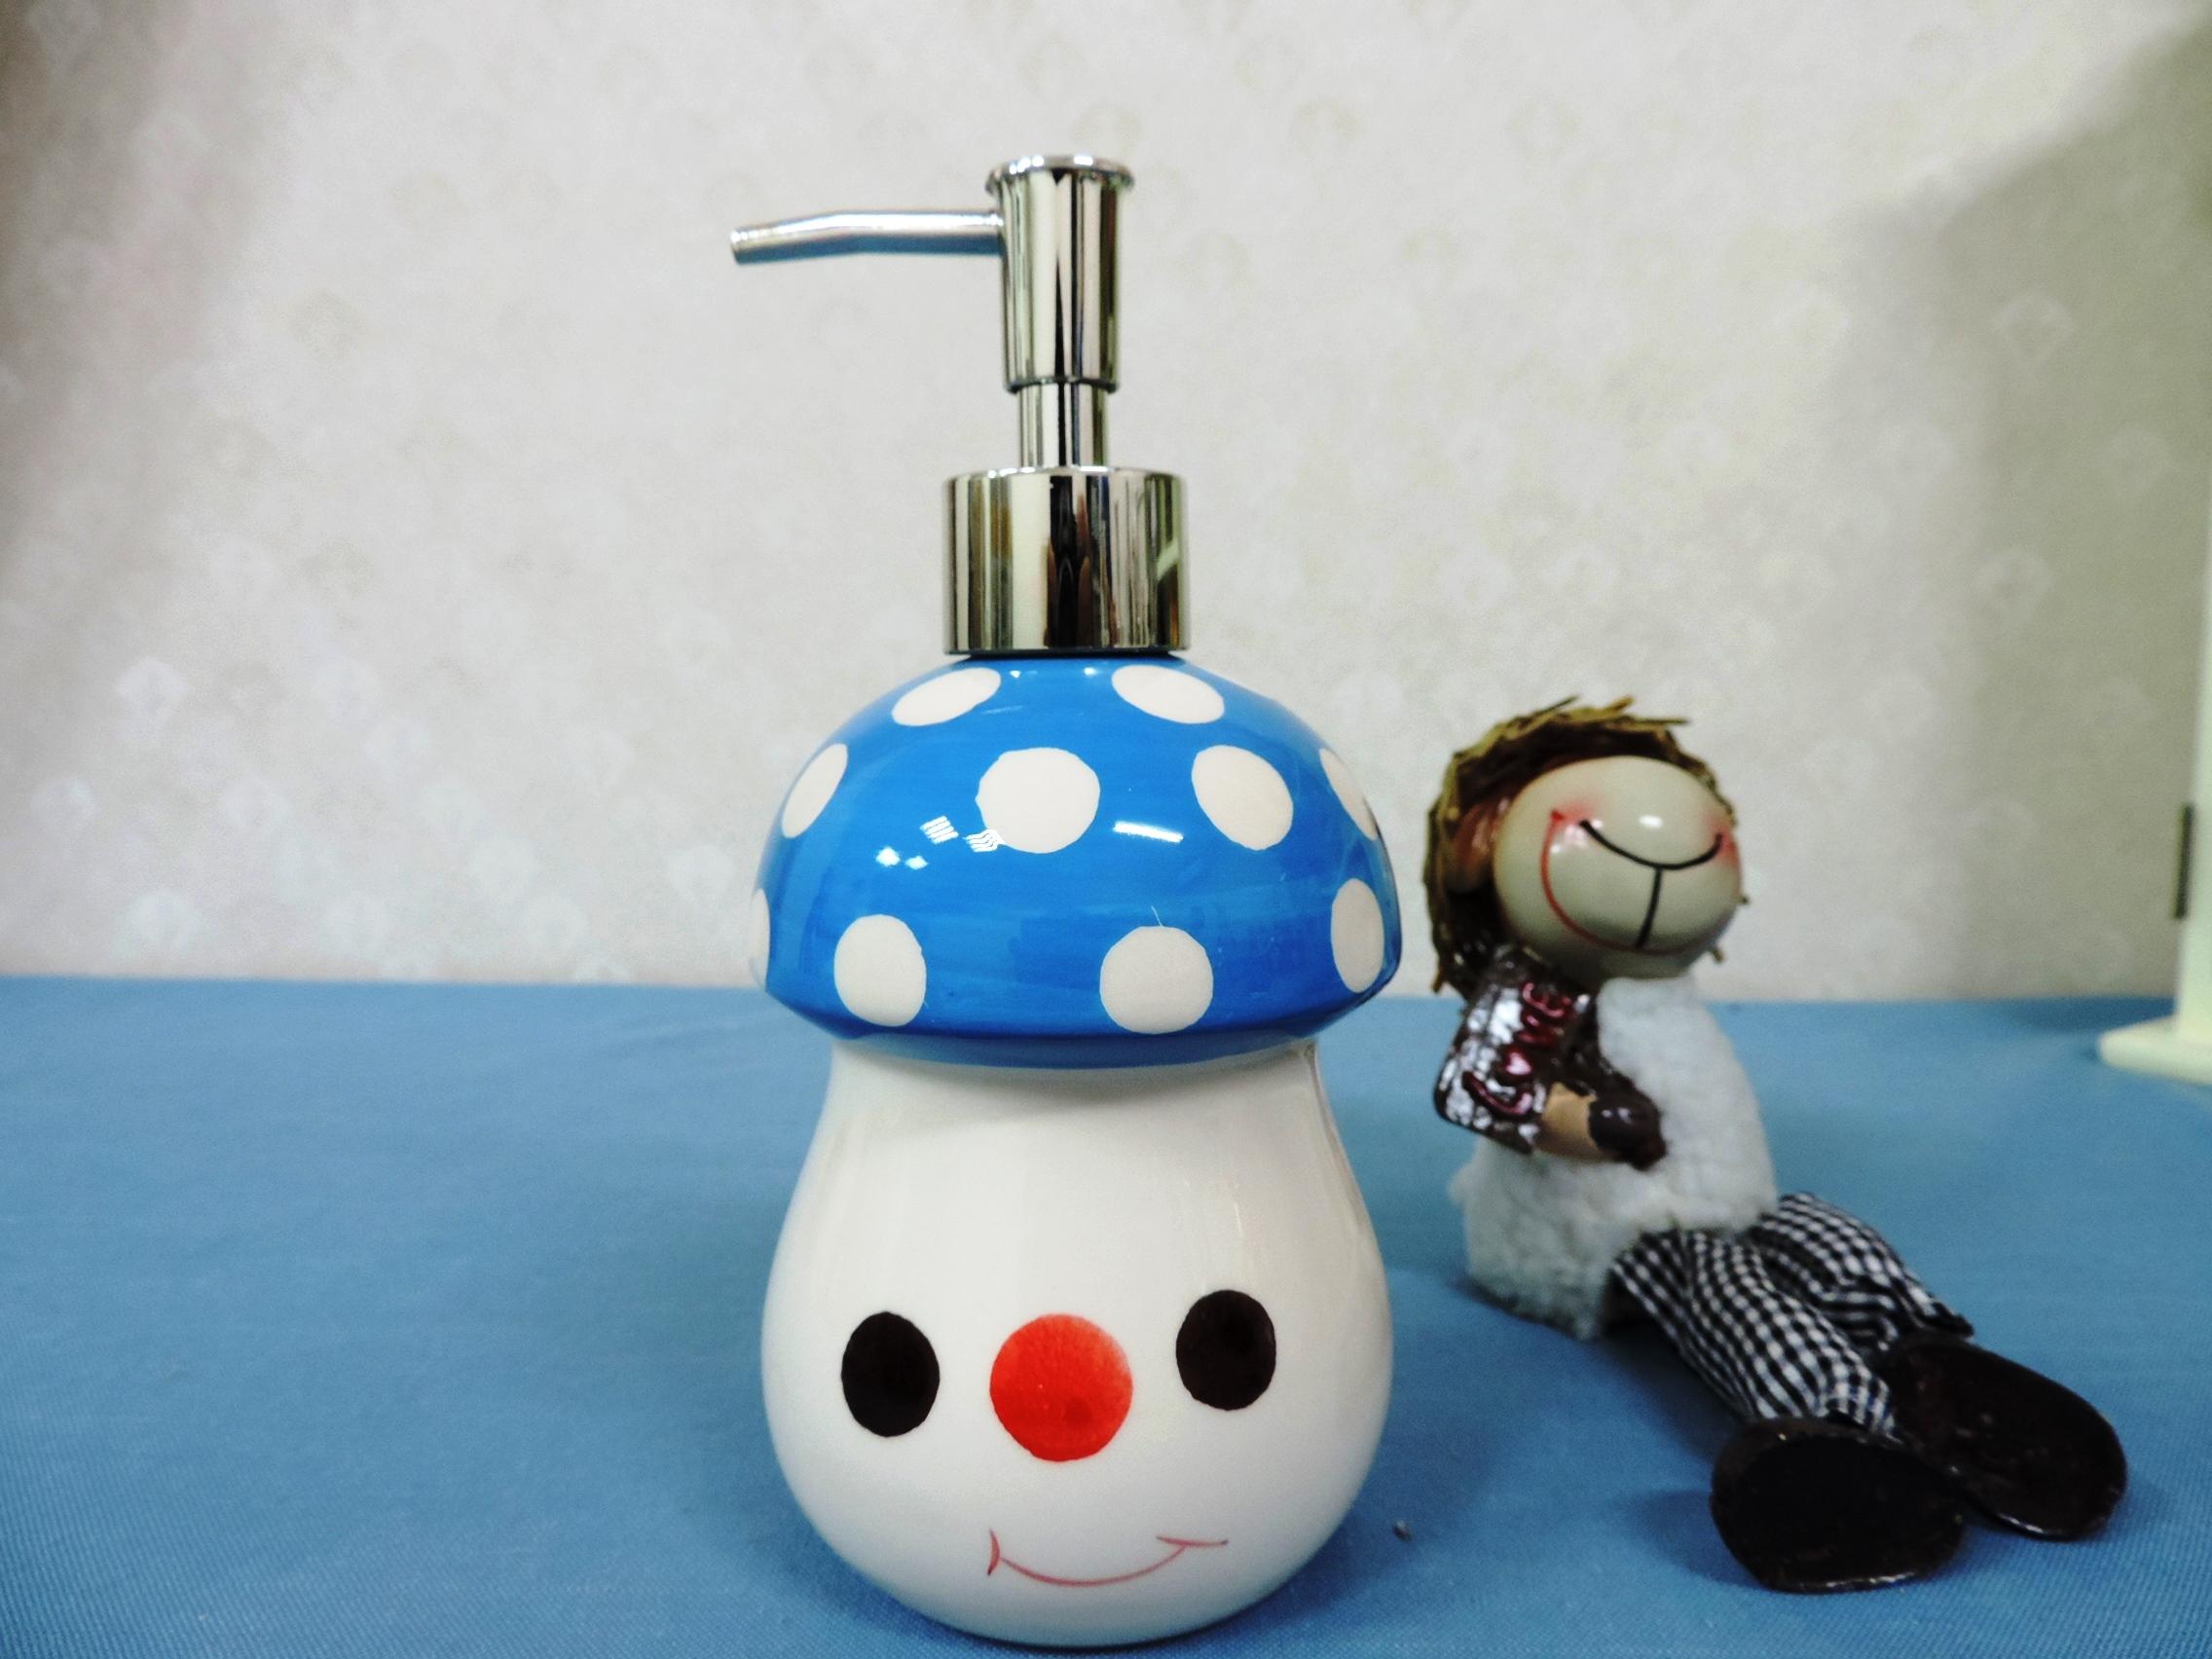 ↙特價 ↘ 《藍色》可愛蘑菇造型乳液罐 洗手液罐 沐浴瓶 洗髮乳 填充罐 洗碗精罐◤彩虹森林◥